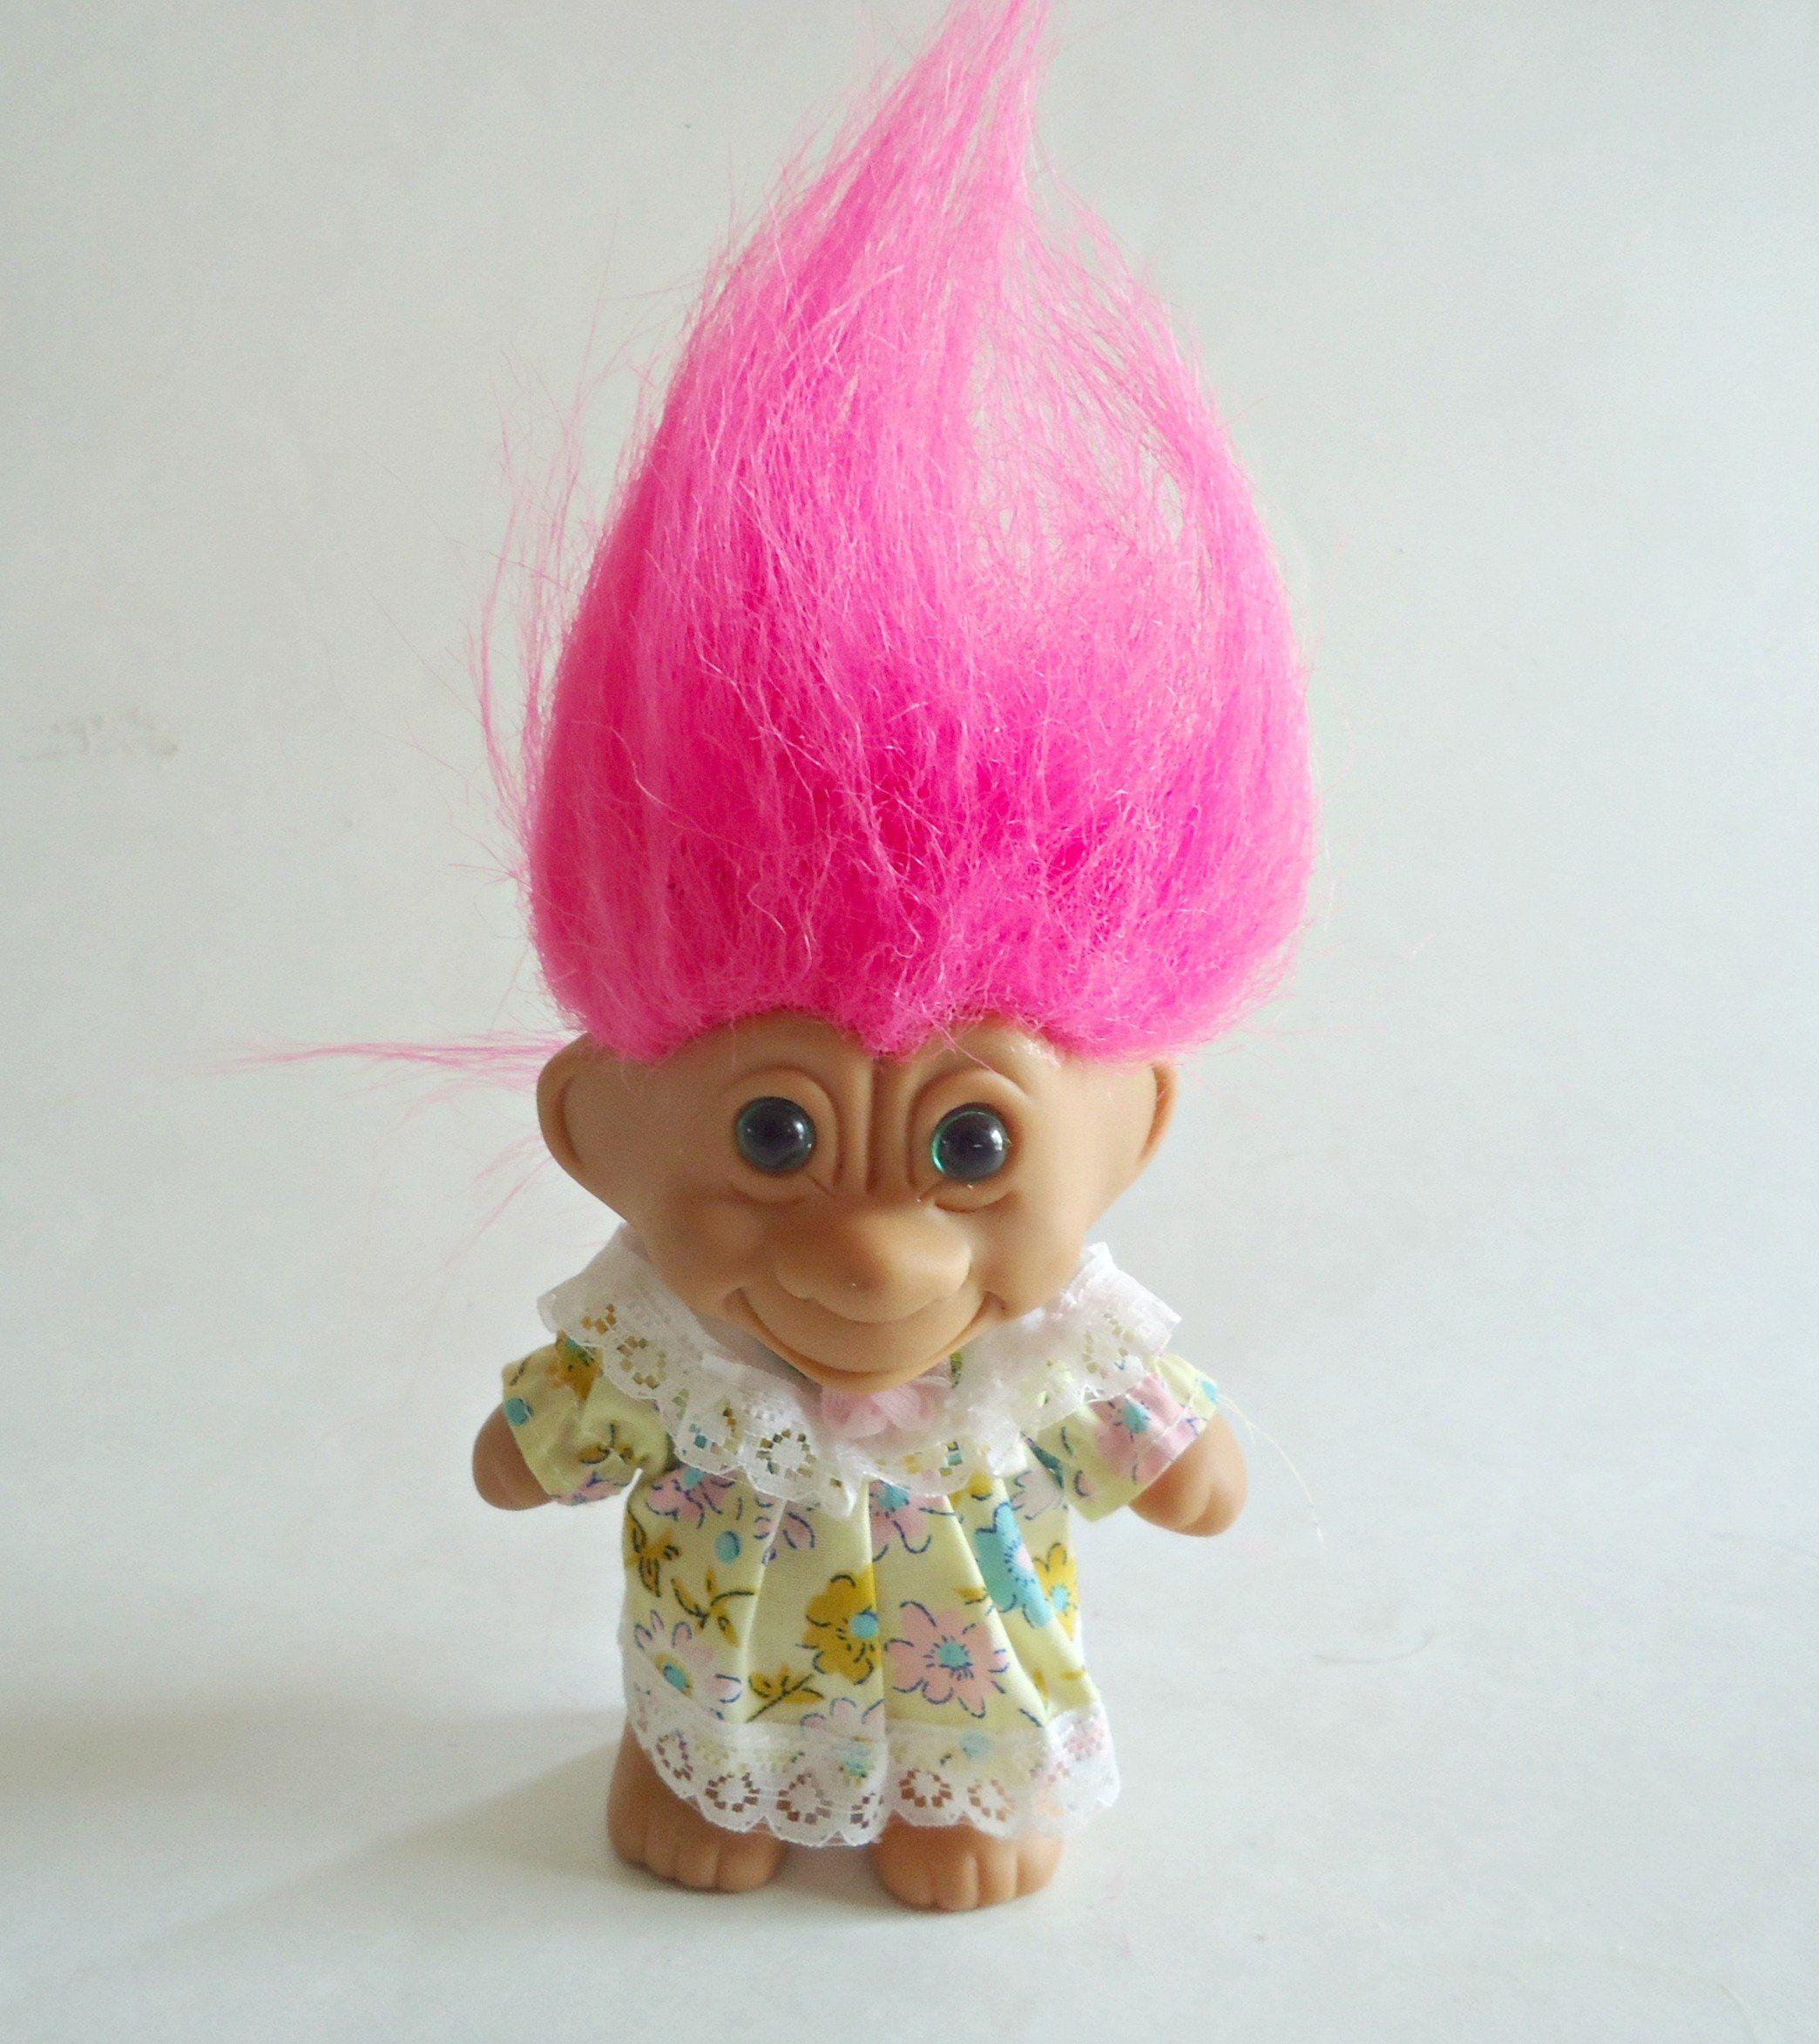 Vintage Troll Doll Girl Troll Doll Pink Hair Green Eyes Trolls 5